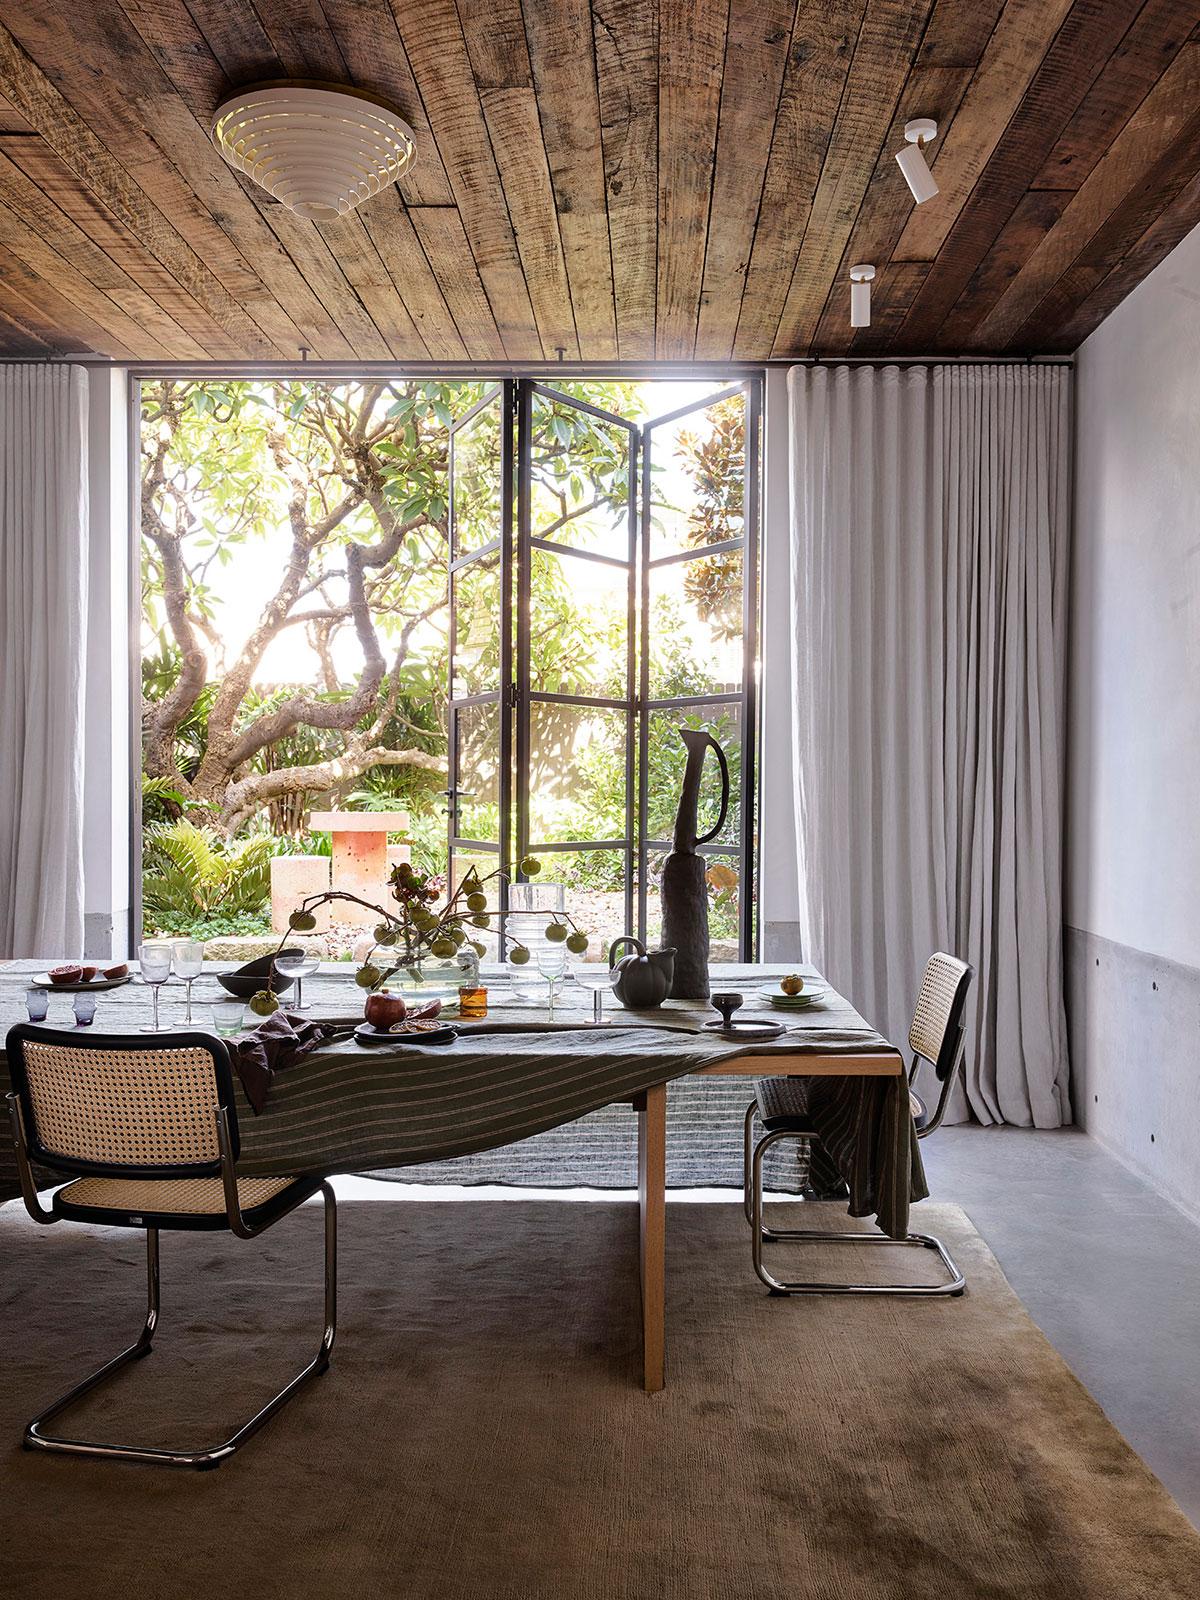 Бетон, дерево и дизайнерская мебель: впечатляющий дом в Австралии